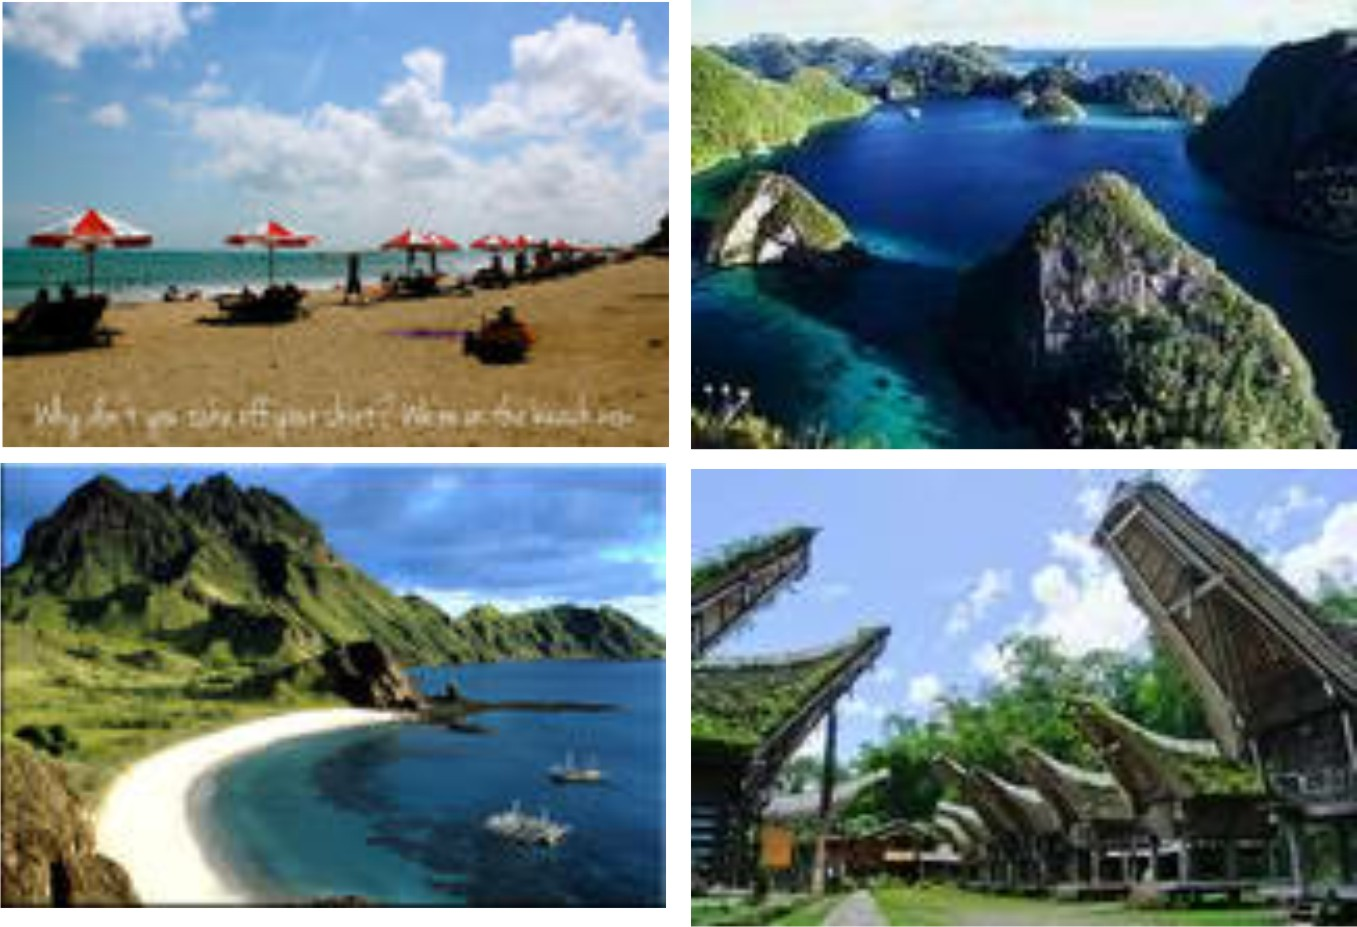 Lima Tempat Wisata Di Indonesia Yang Paling Banyak Dikunjungi